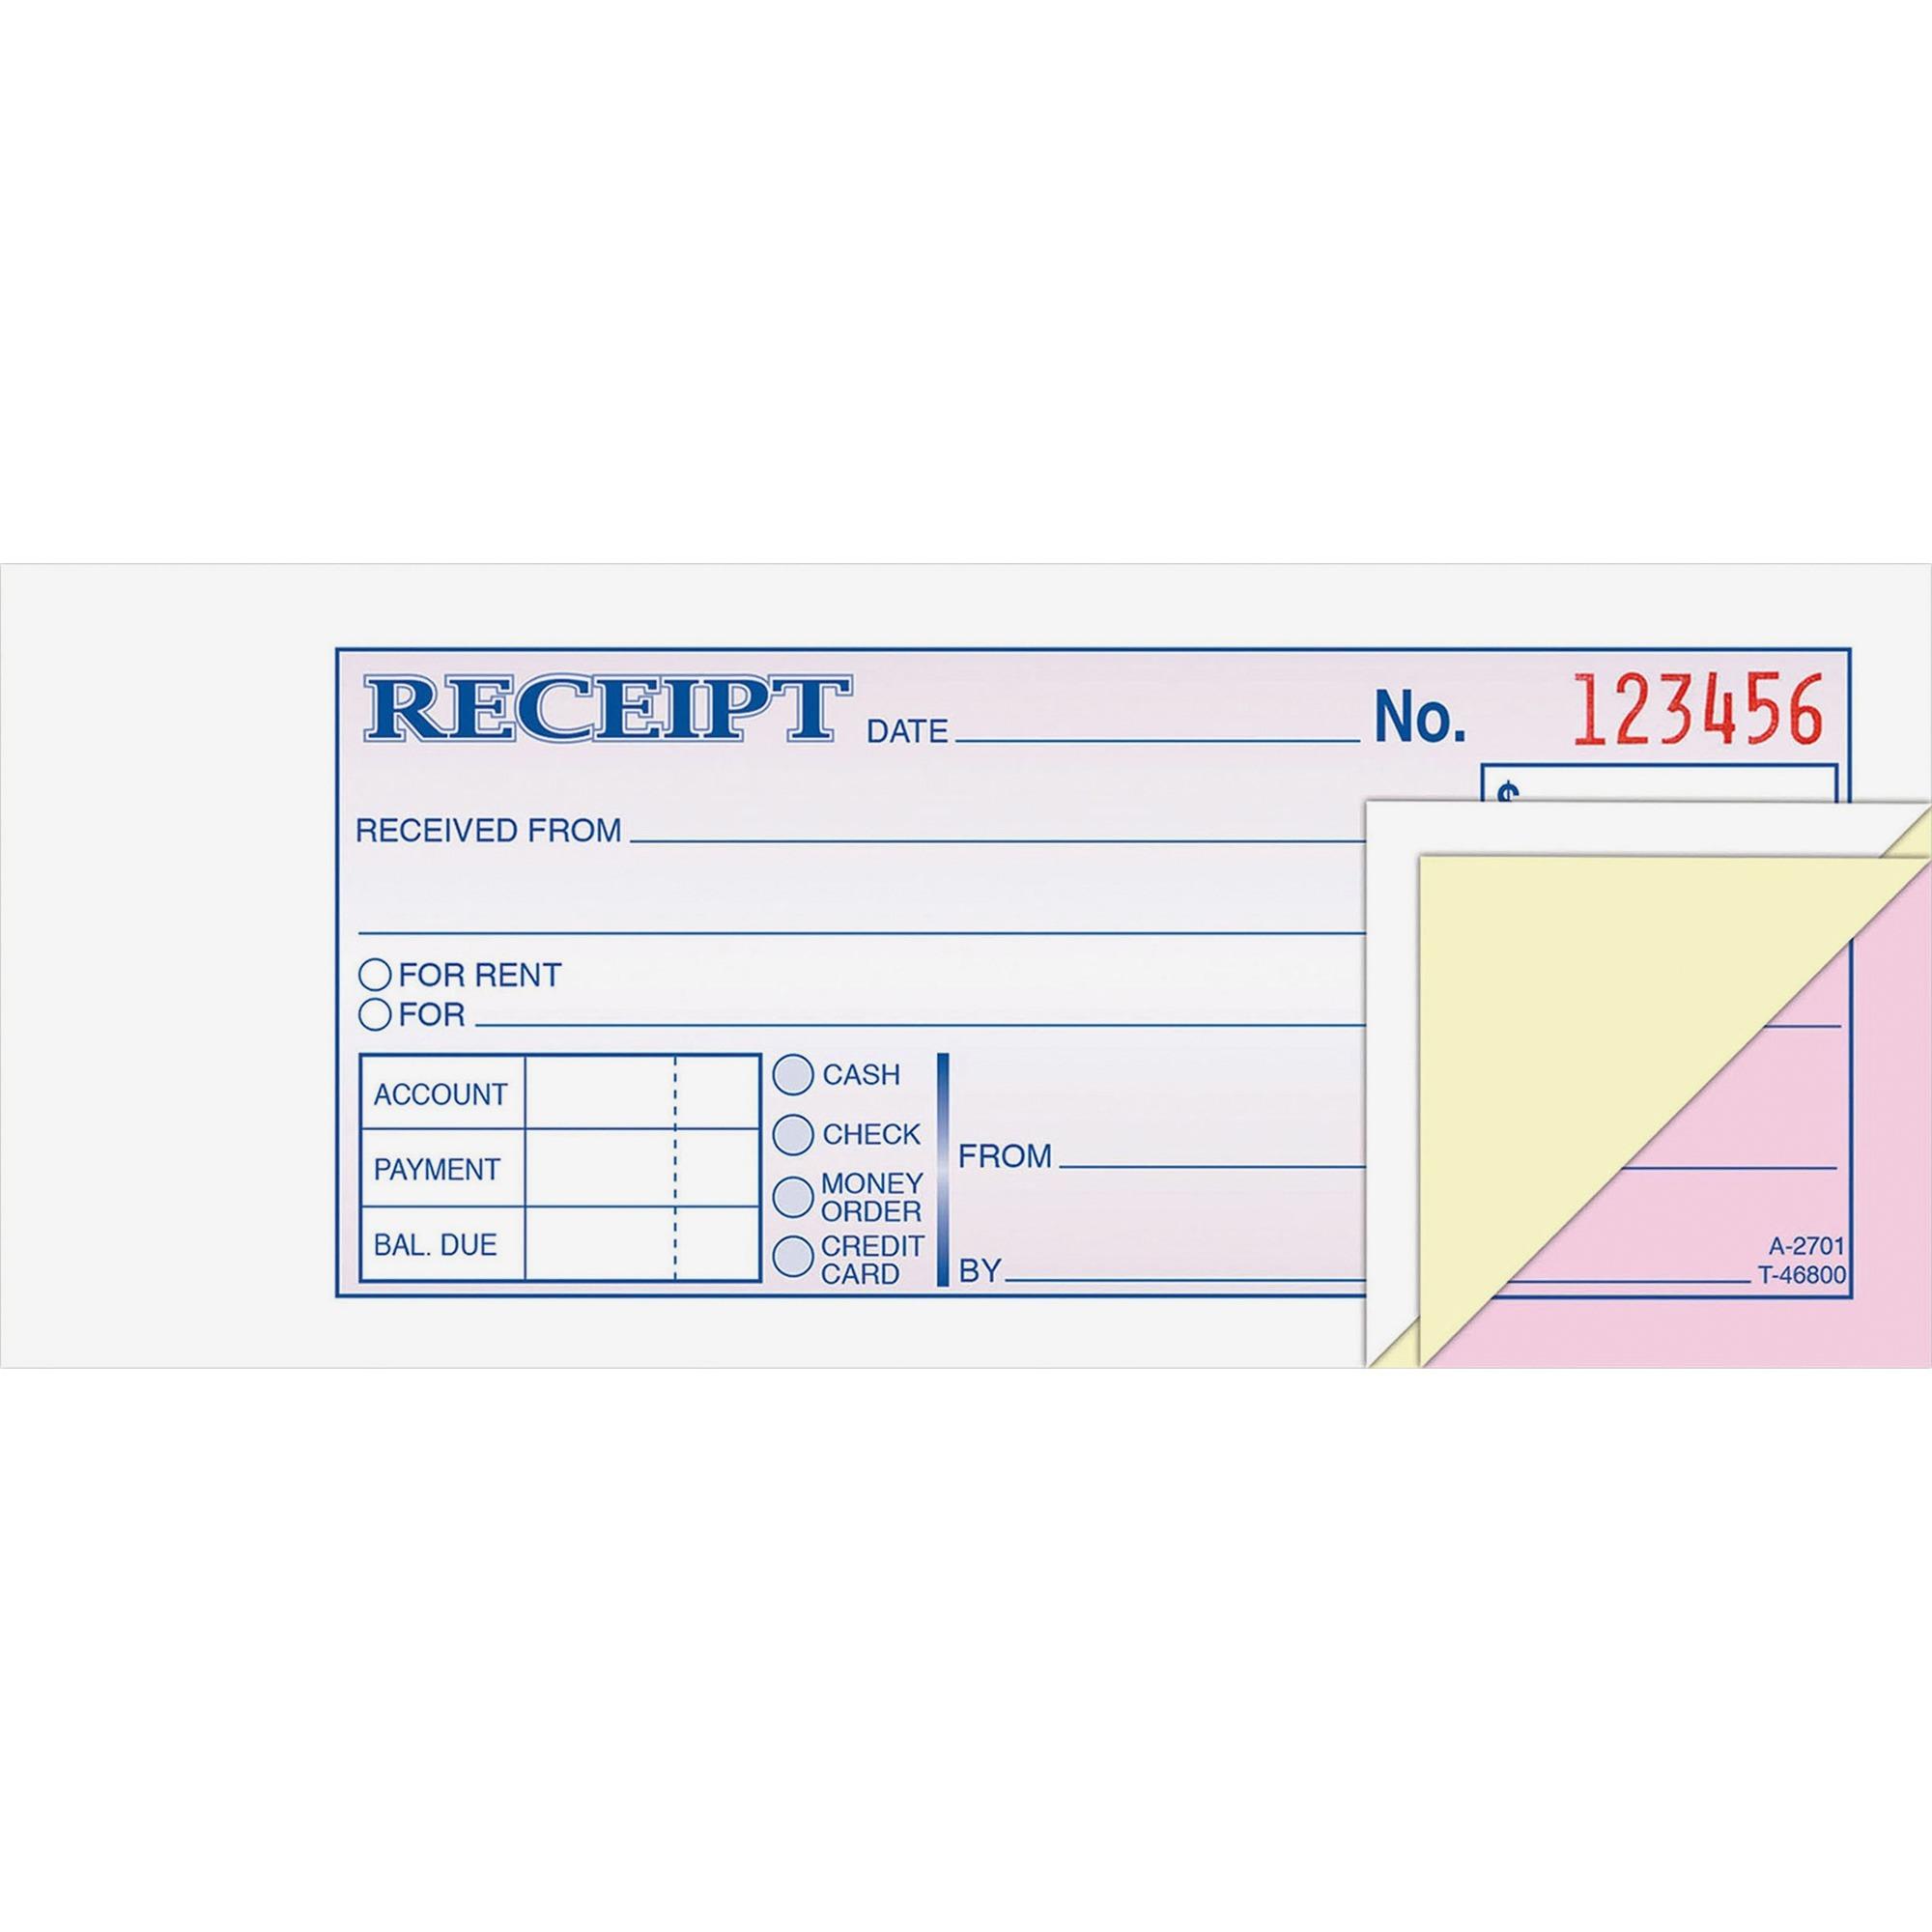 rent receipt copy paralegal resume objective examples tig welder doc480623 rent receipt copy receipt template 78 more 11958218 rent receipt copy